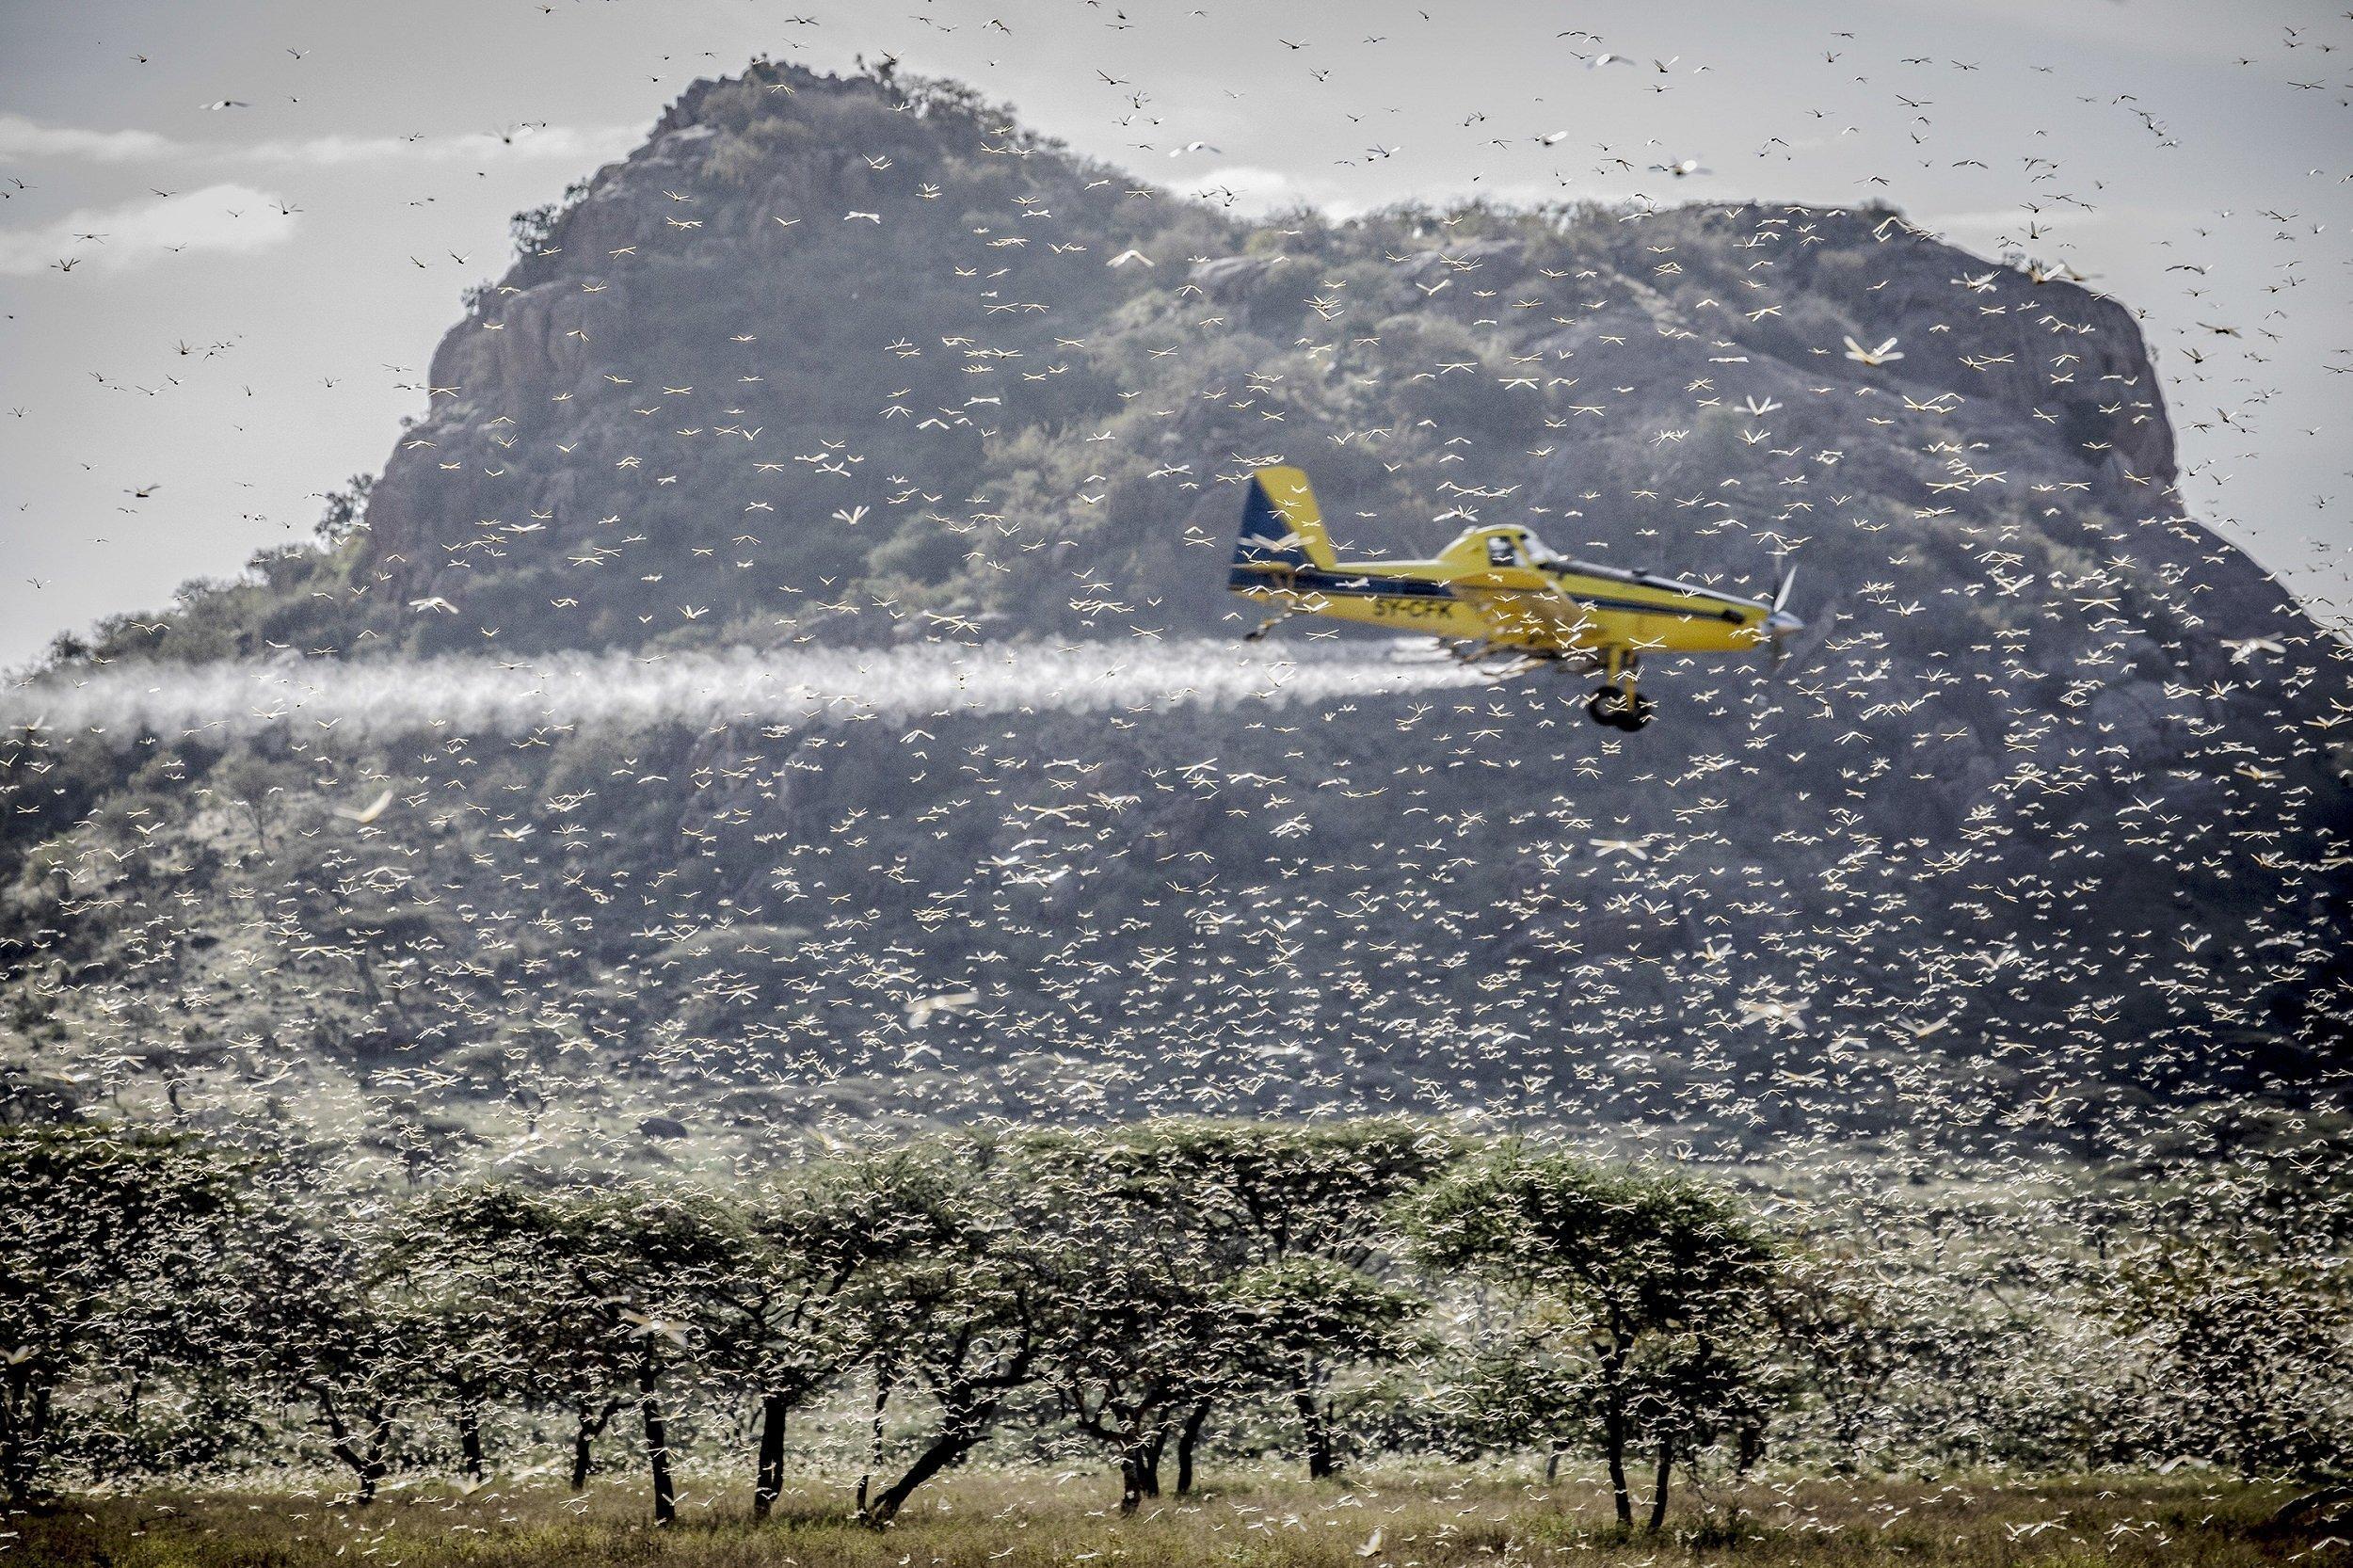 Vor einem Berg als Hintergrund fliegt ein kleines gelbes Flugzeug inmitten eines Heuschreckenschwarms und versprüht Insektenbekämpfungsmittel.